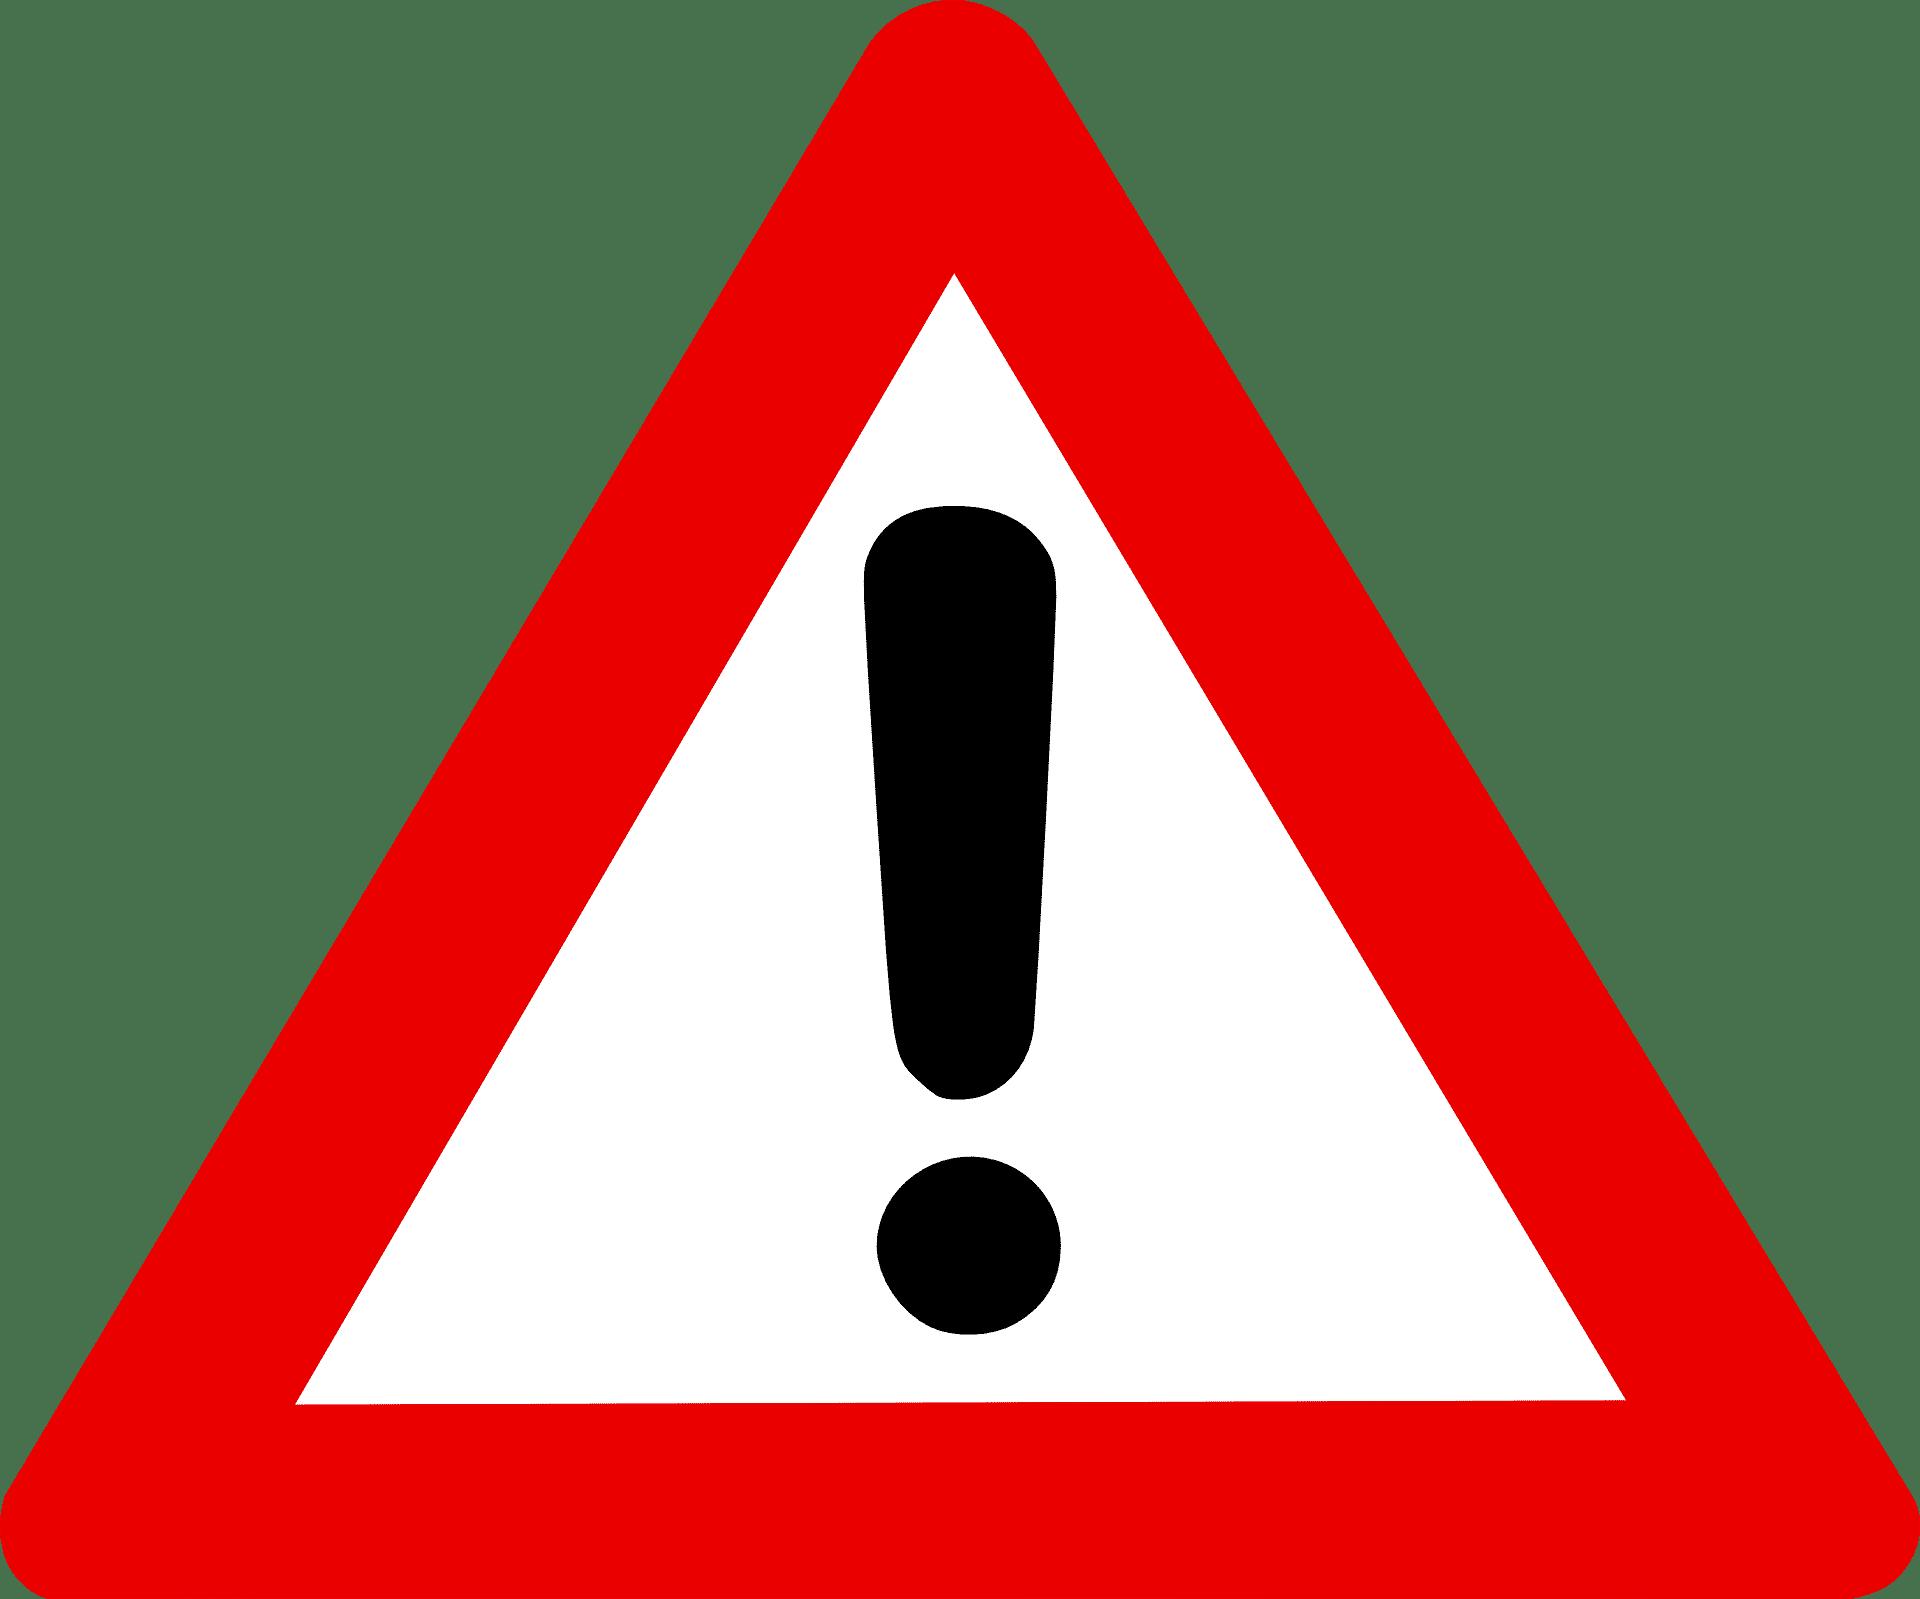 warning-sign-30915